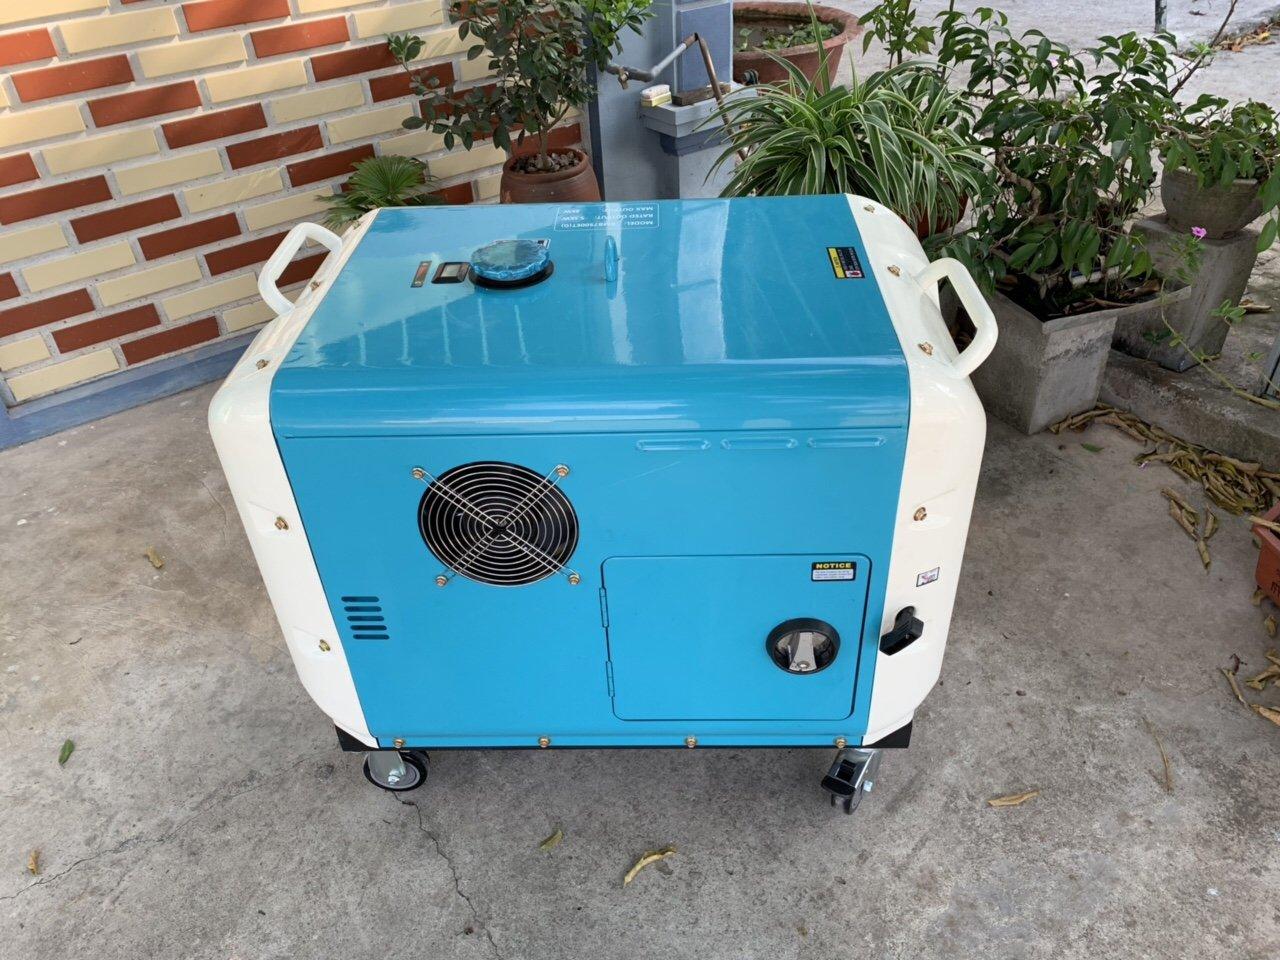 Máy phát điện chạy dầu bamboo bmb7500det siêu chống ồn